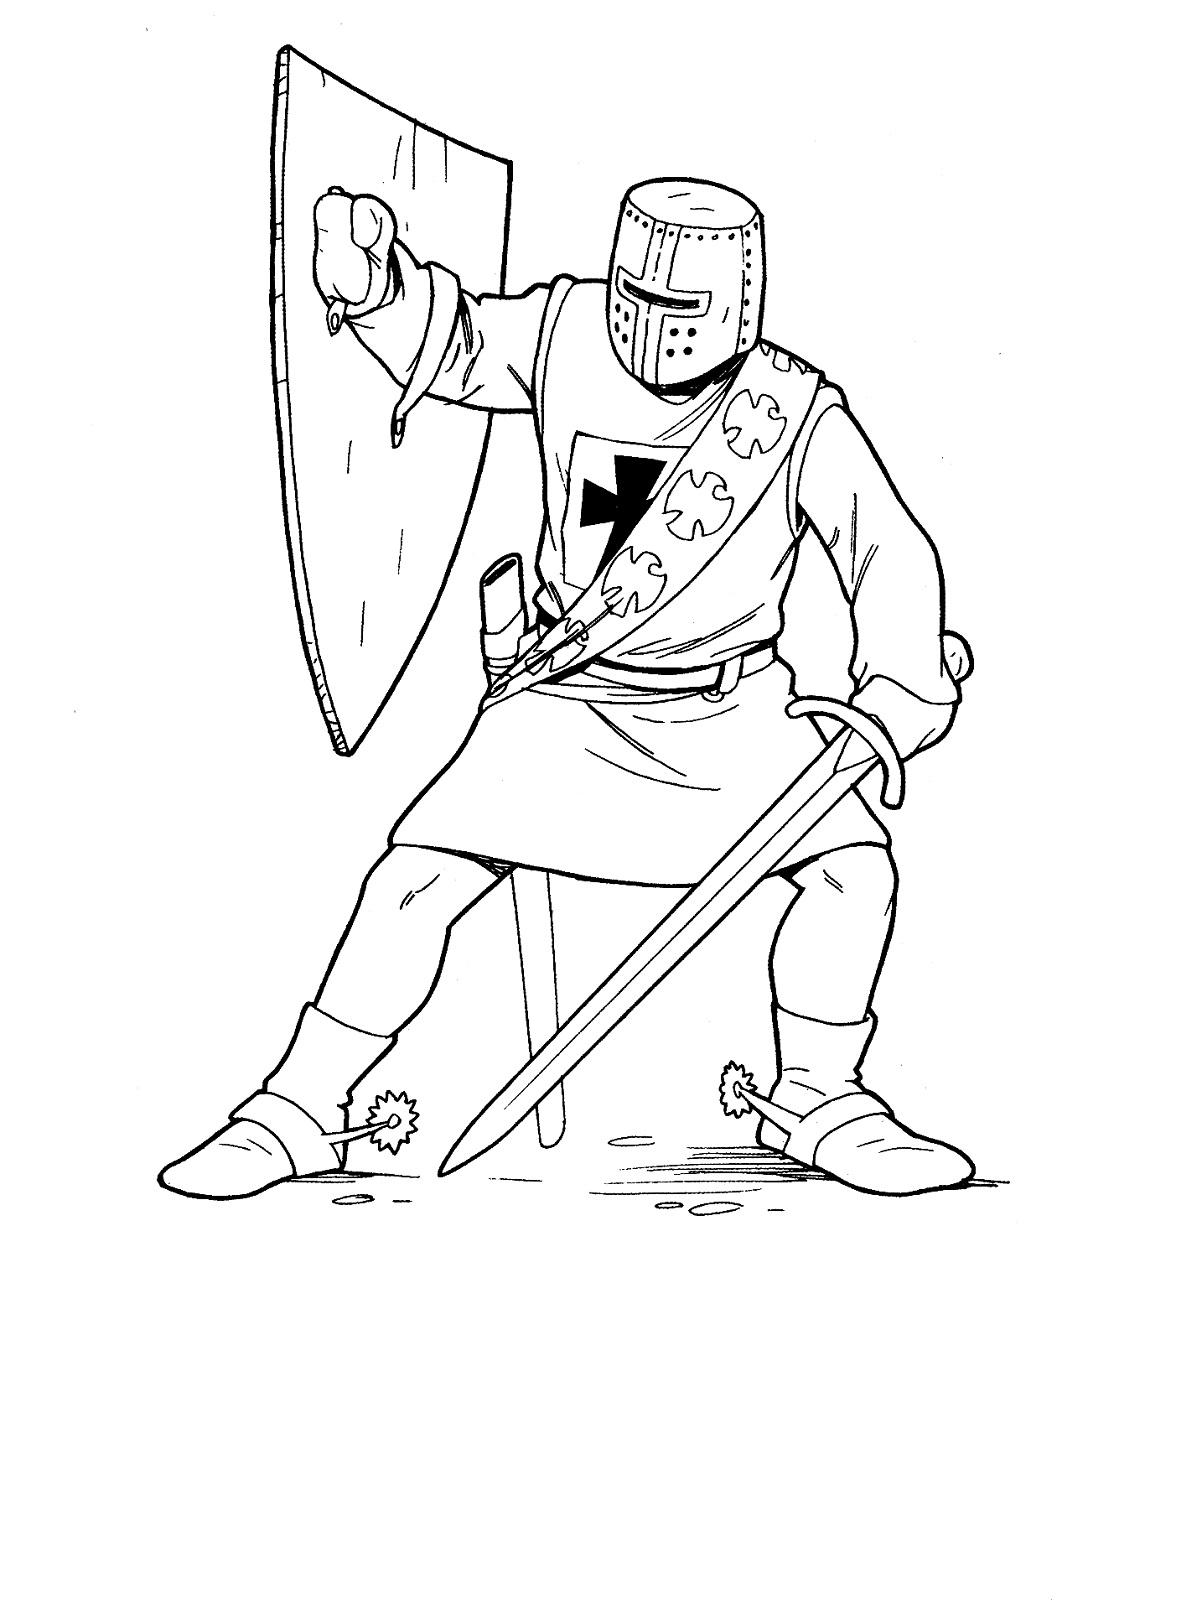 medieval-times-worksheets-printable